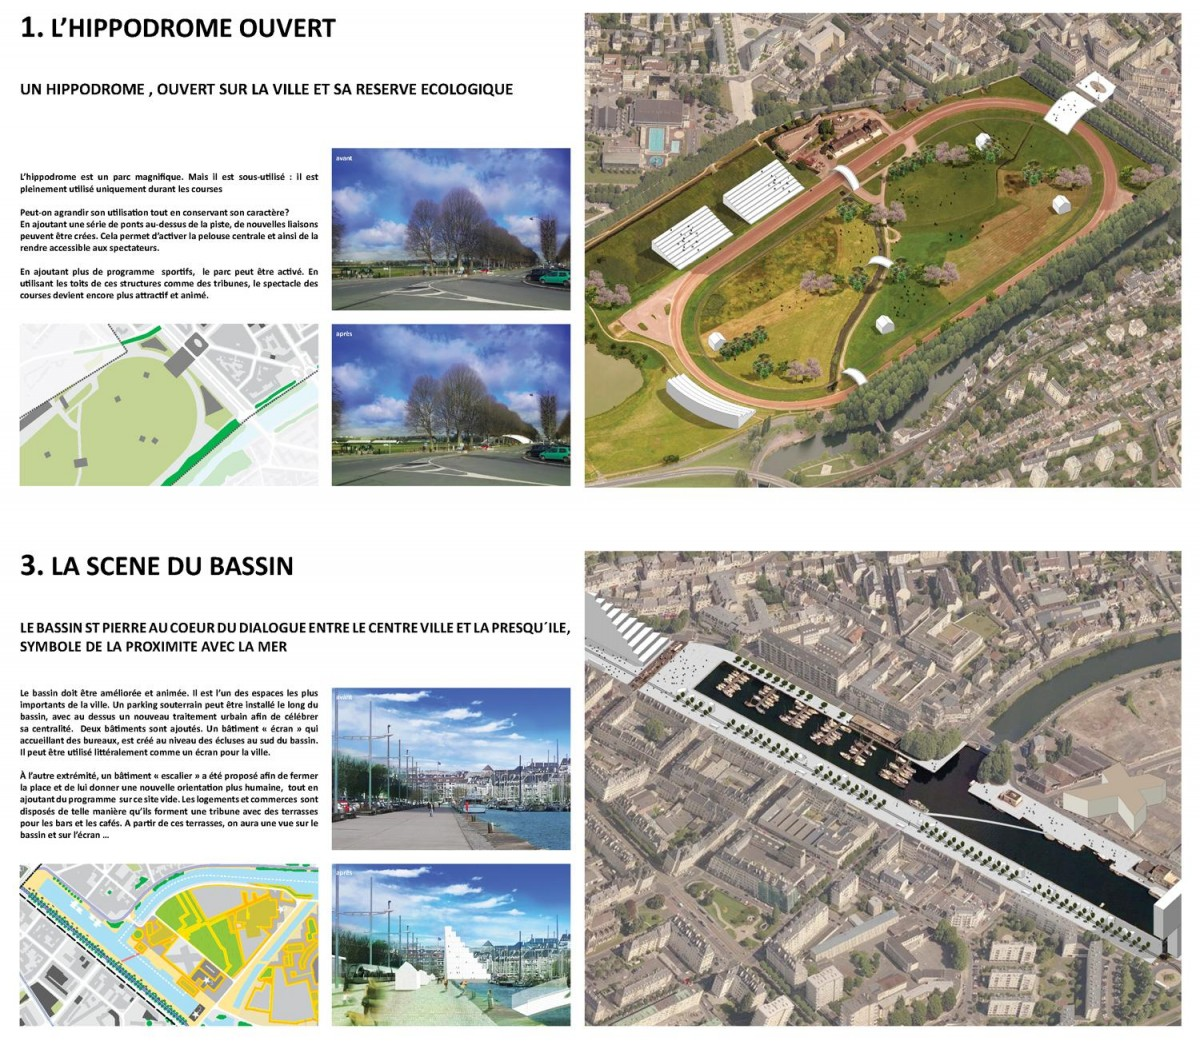 Presqu 39 ile de caen 600 hectares de projets en centre ville for Architecture symbolique